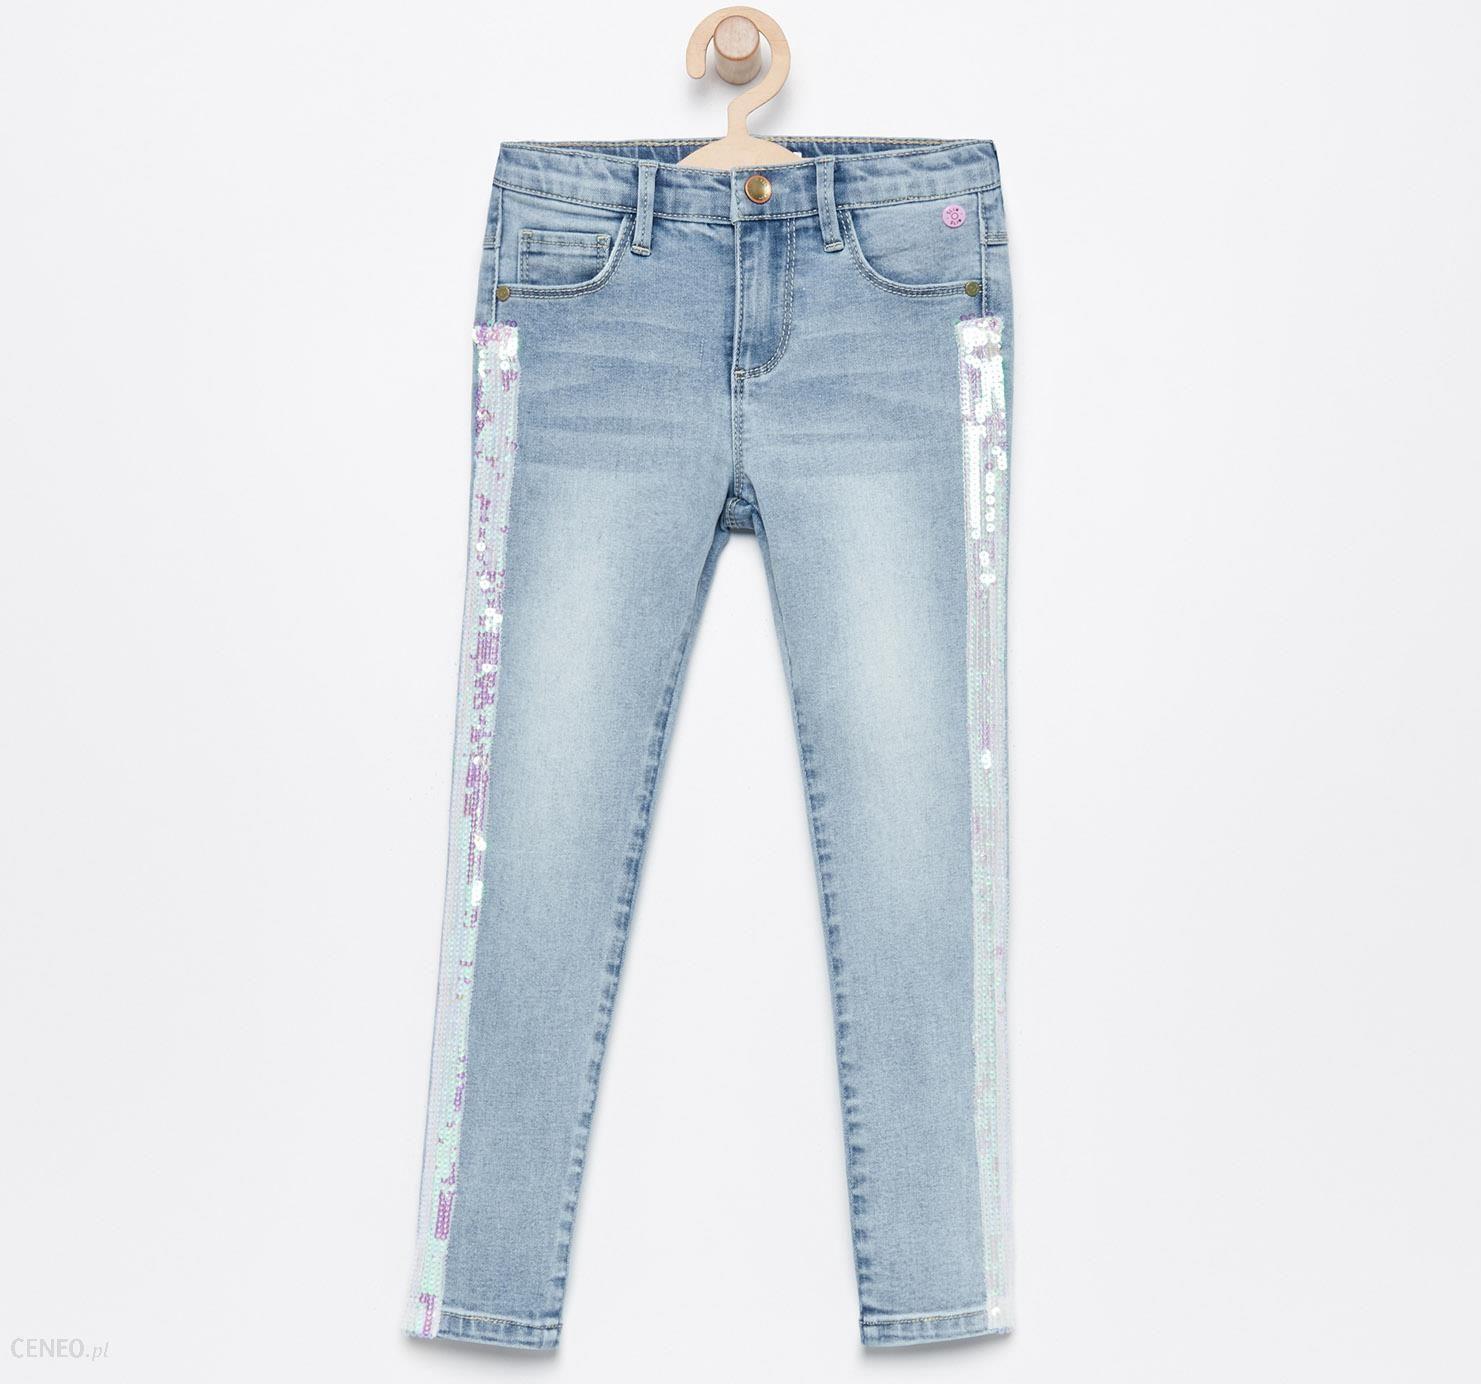 968328b4 Reserved - Jeansy slim fit z cekinowymi lampasami - Niebieski - Ceny i  opinie - Ceneo.pl